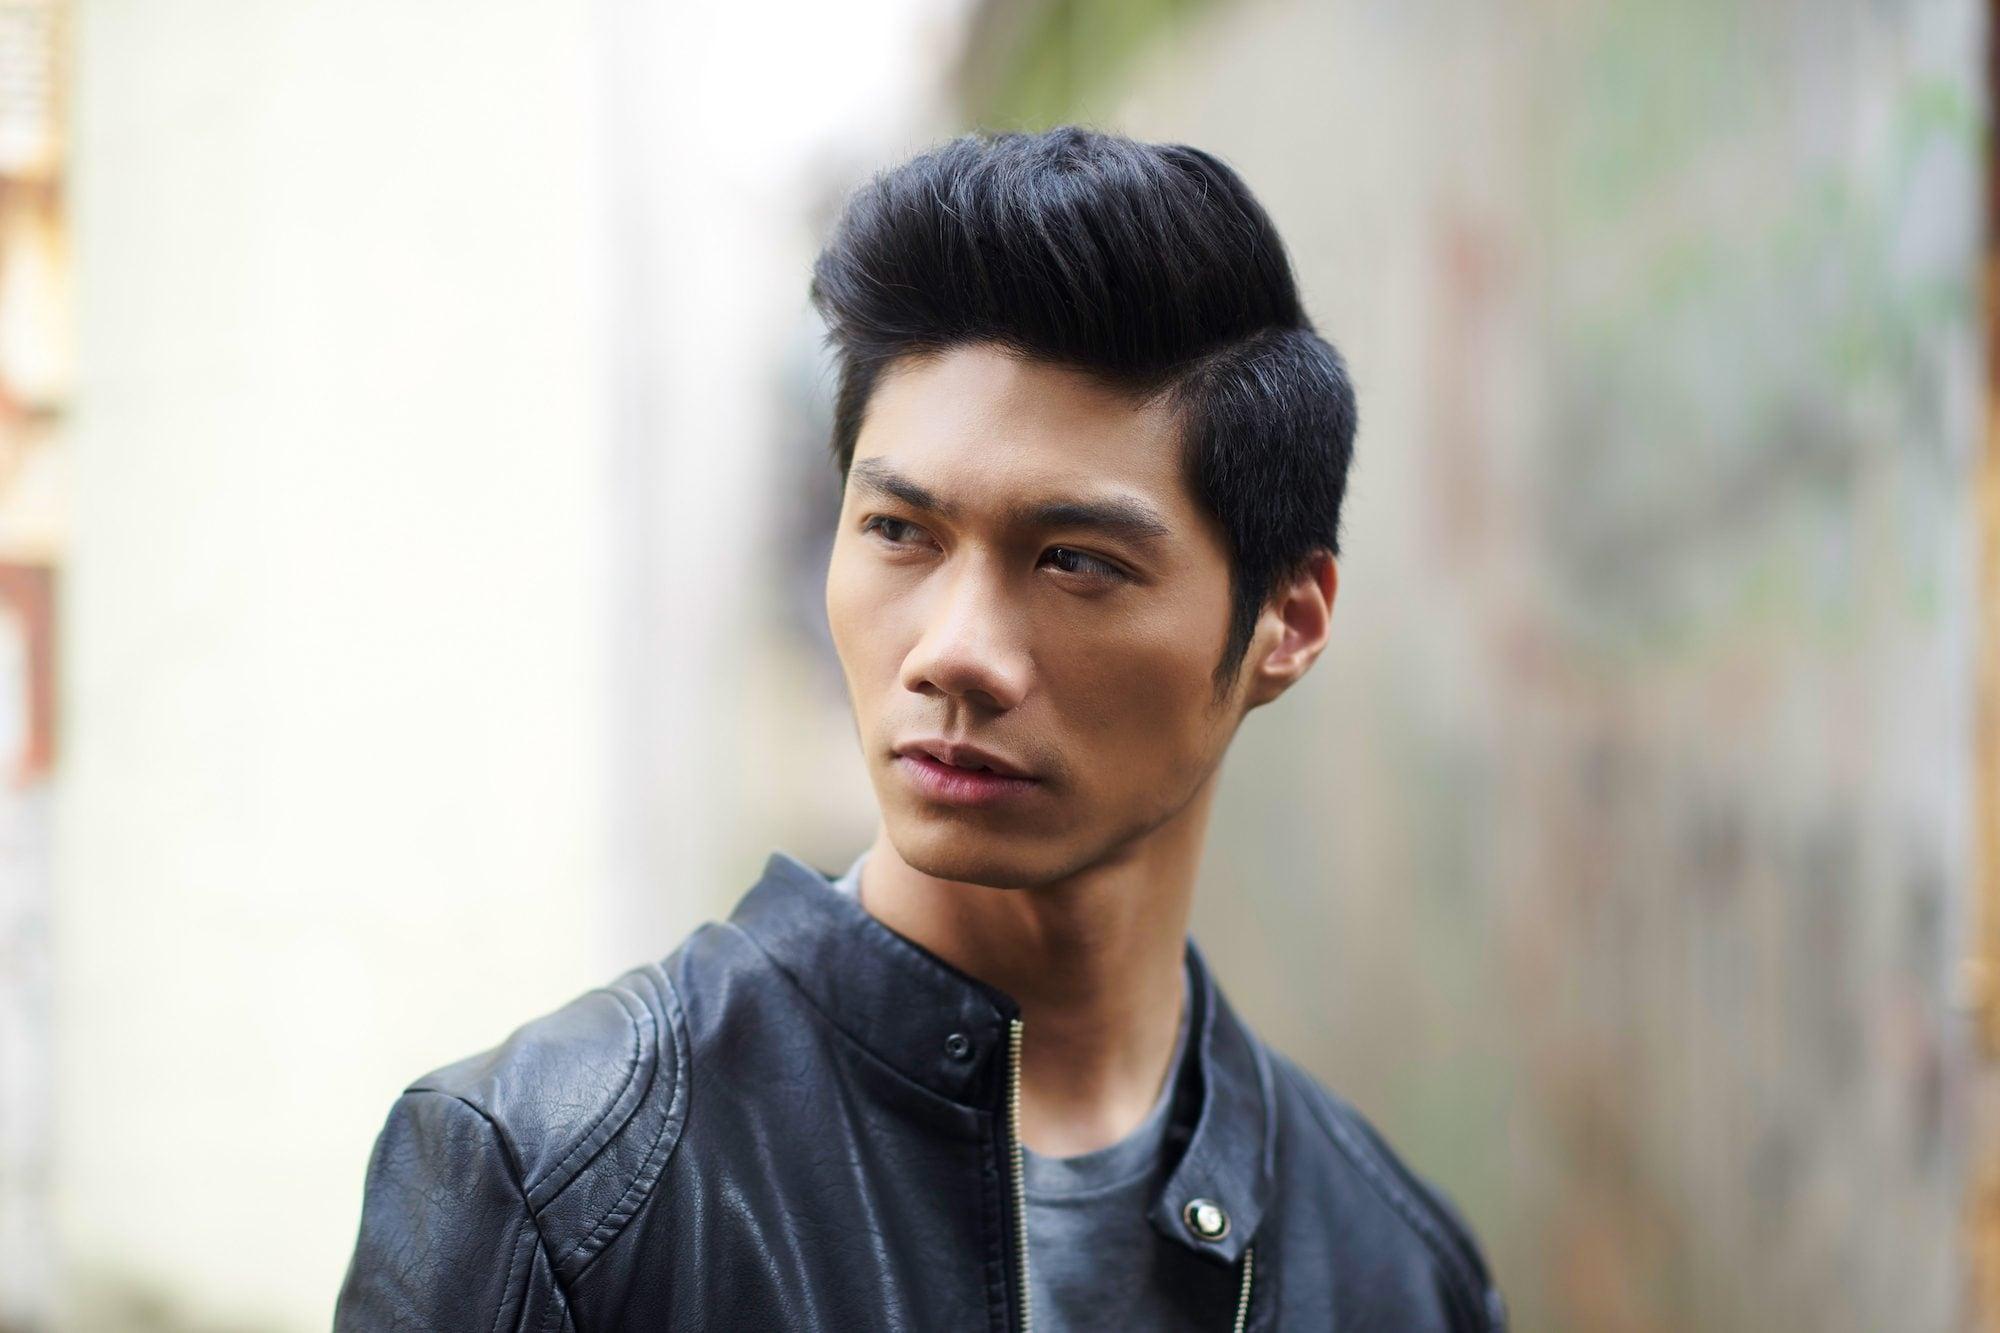 Pria asia dengan rambut hitam gaya rambut quiff side parting.